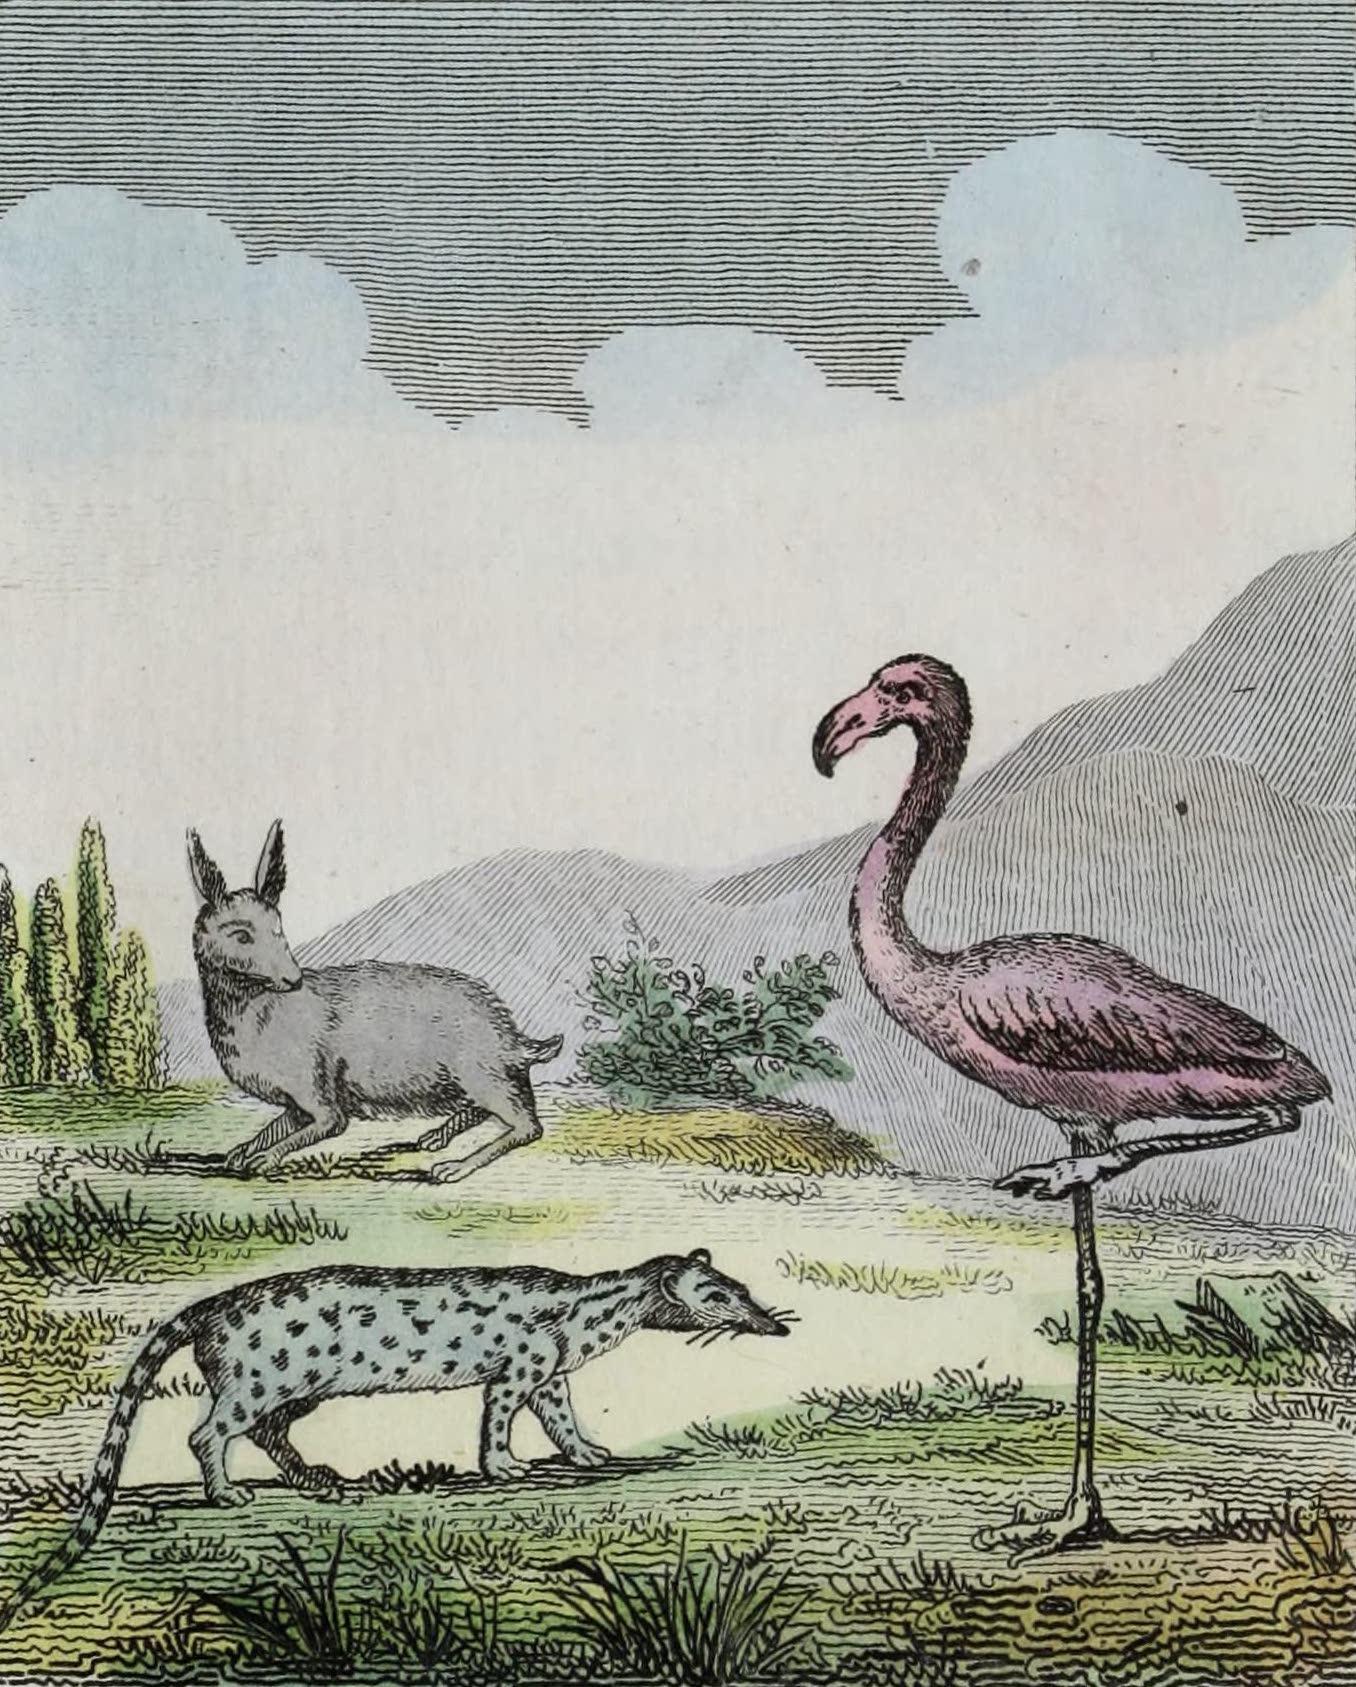 Geographie Vivante, ou, Tableaux Raisonnes - Le Lapin, la Genette, Le Flammant (1821)